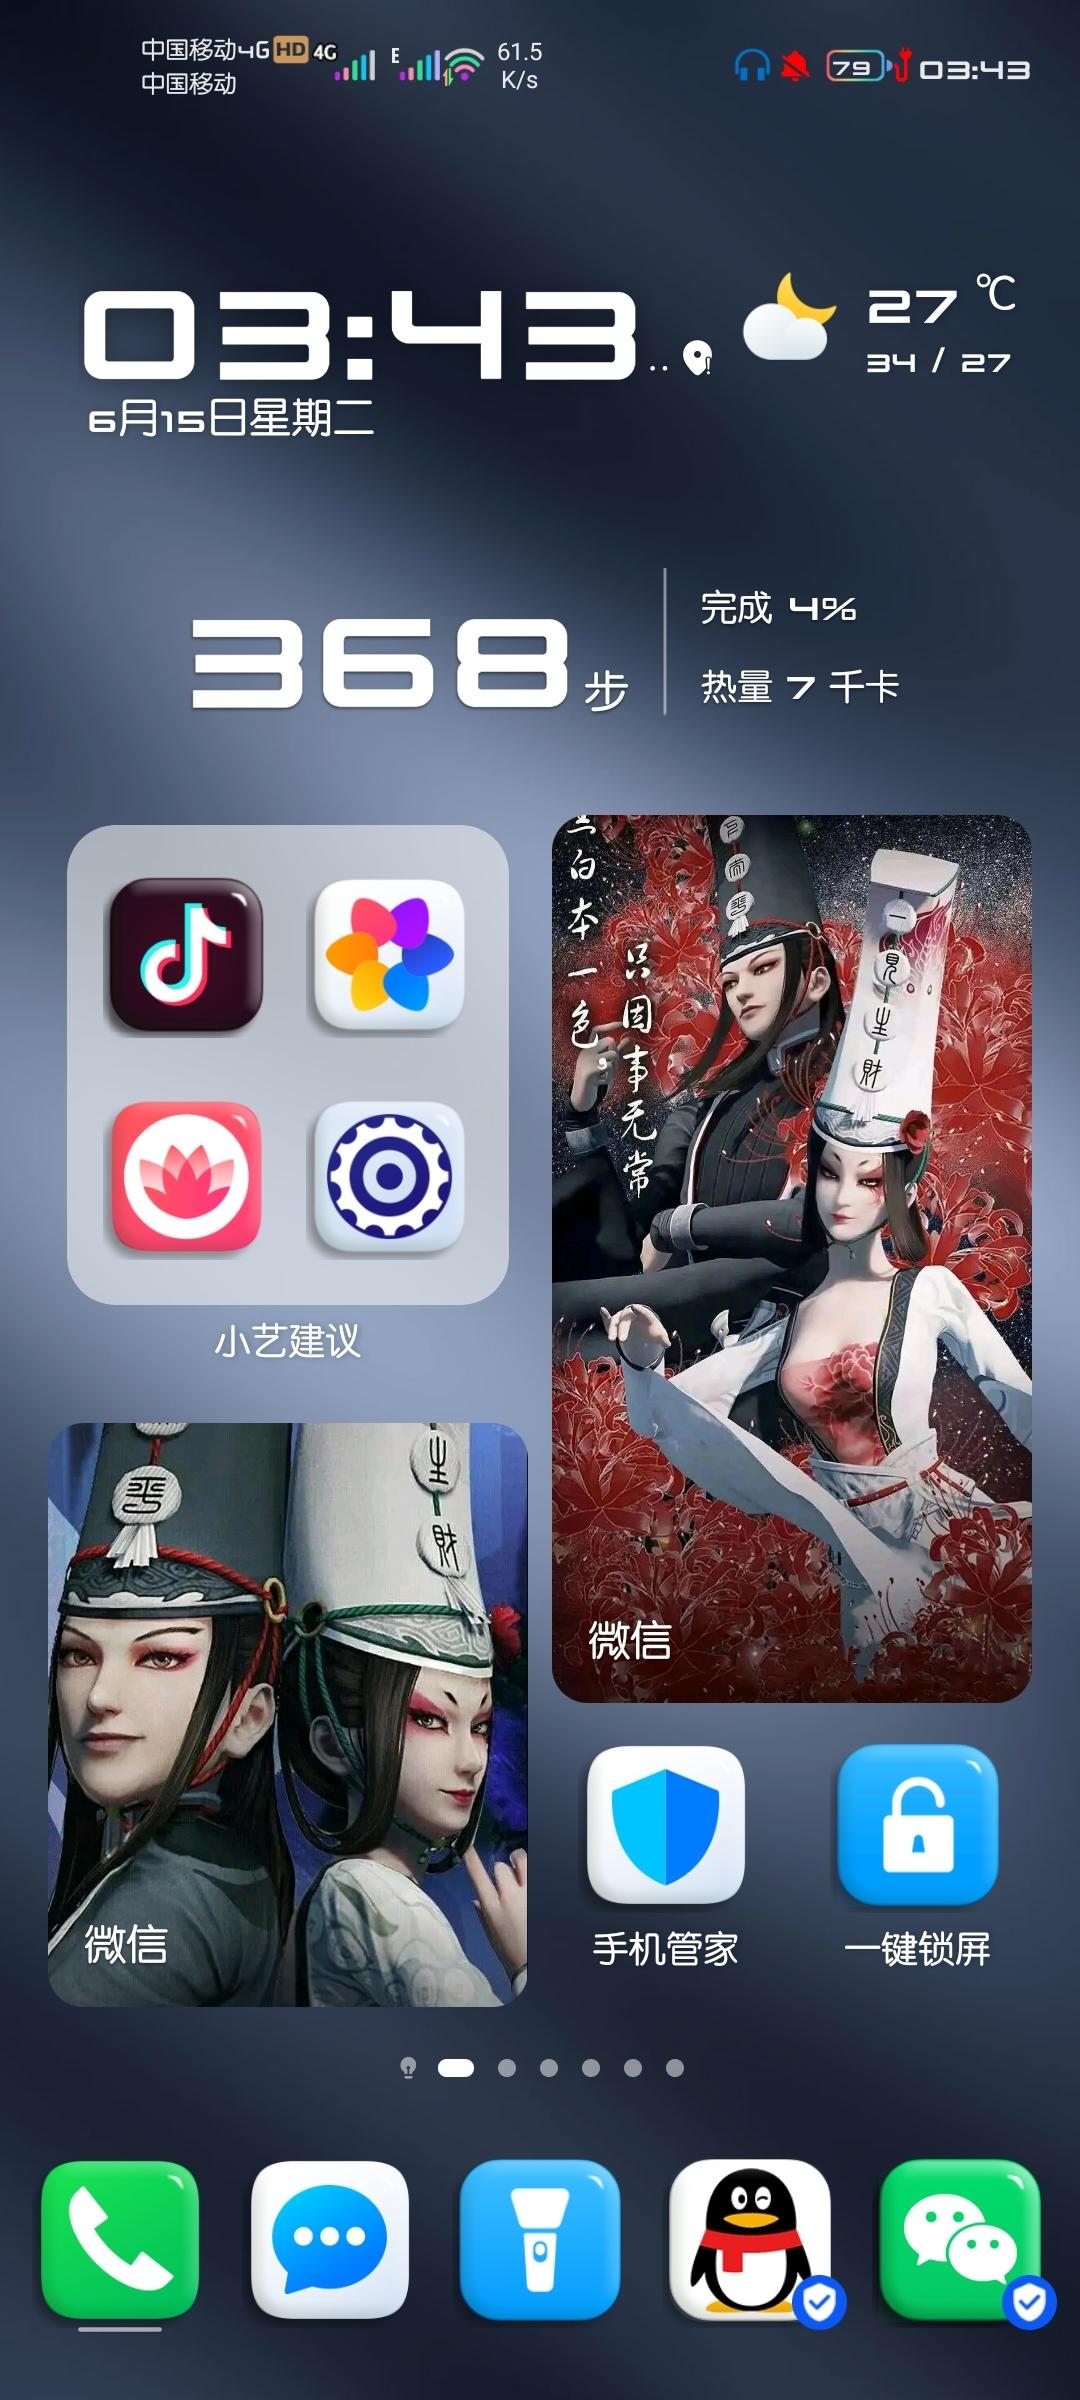 Screenshot_20210615_034352_com.huawei.android.launcher.jpg